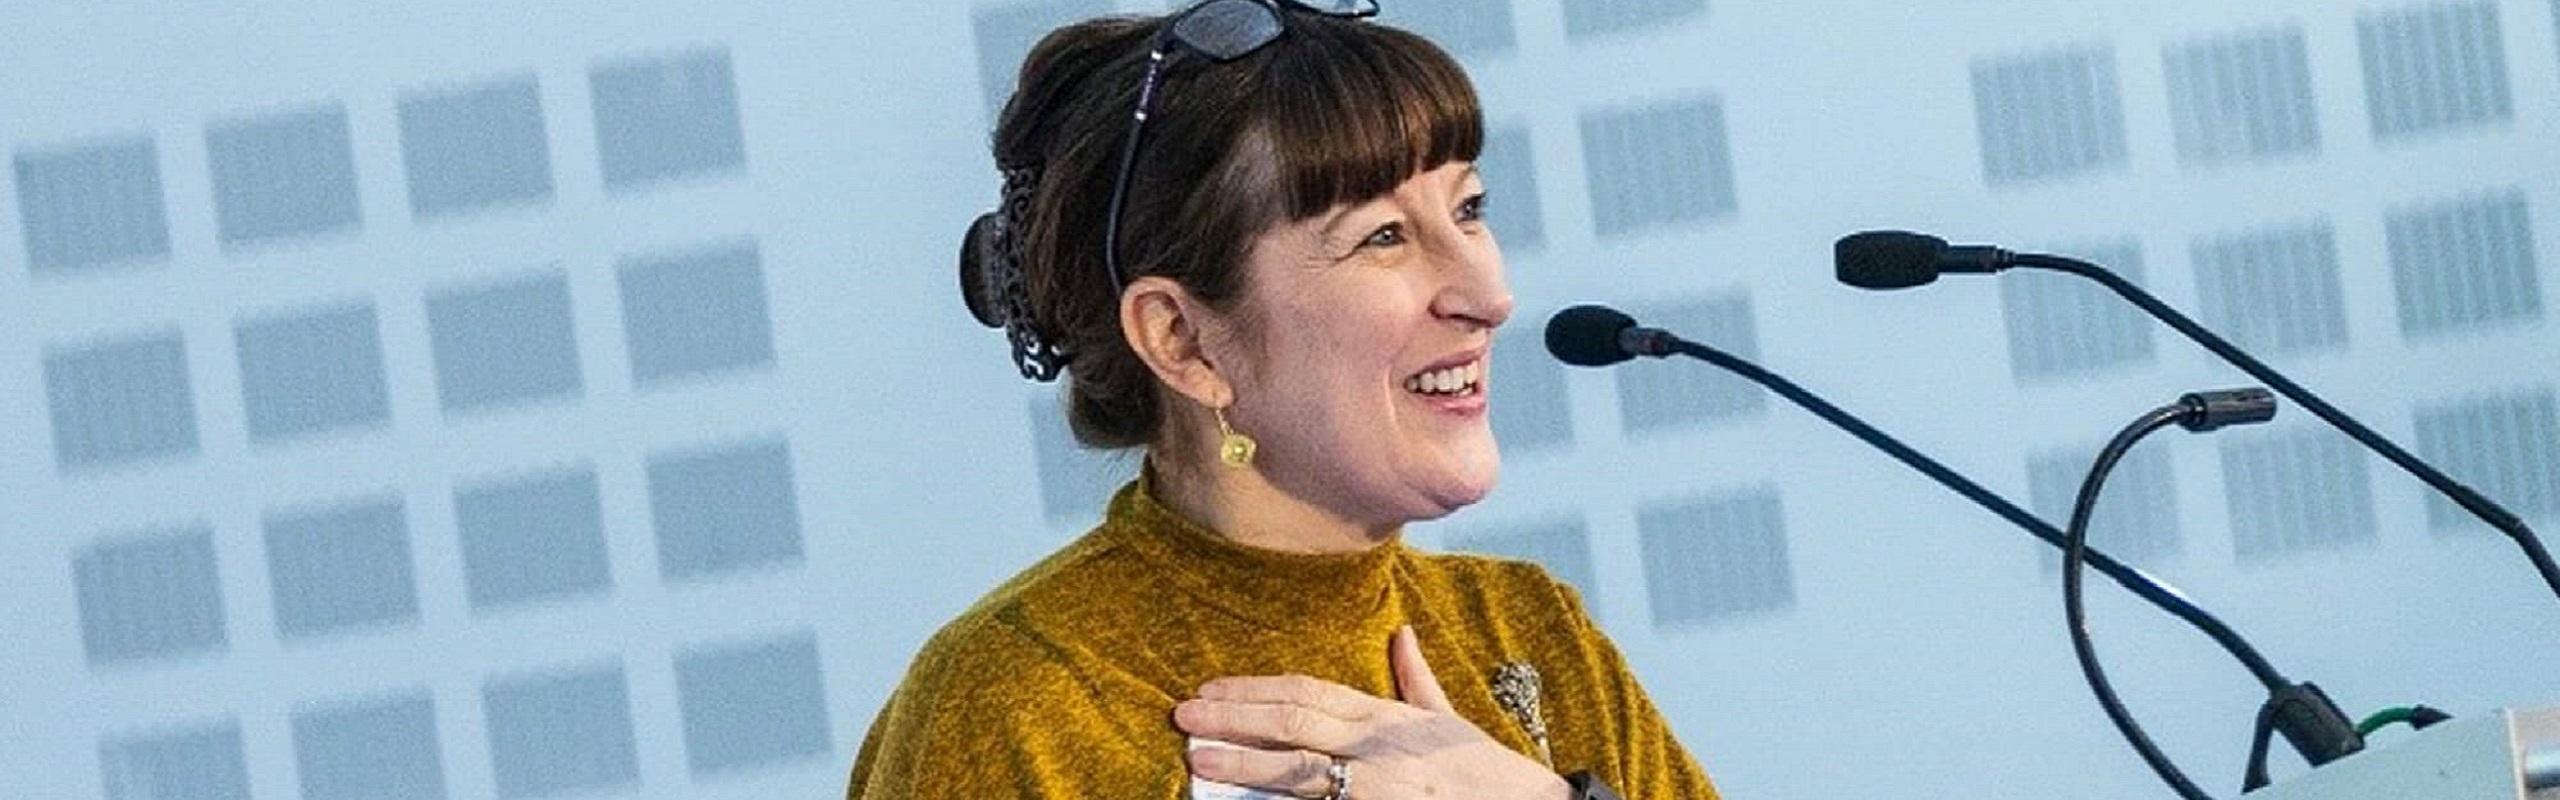 Gerri Mortimore speaking at a lectern